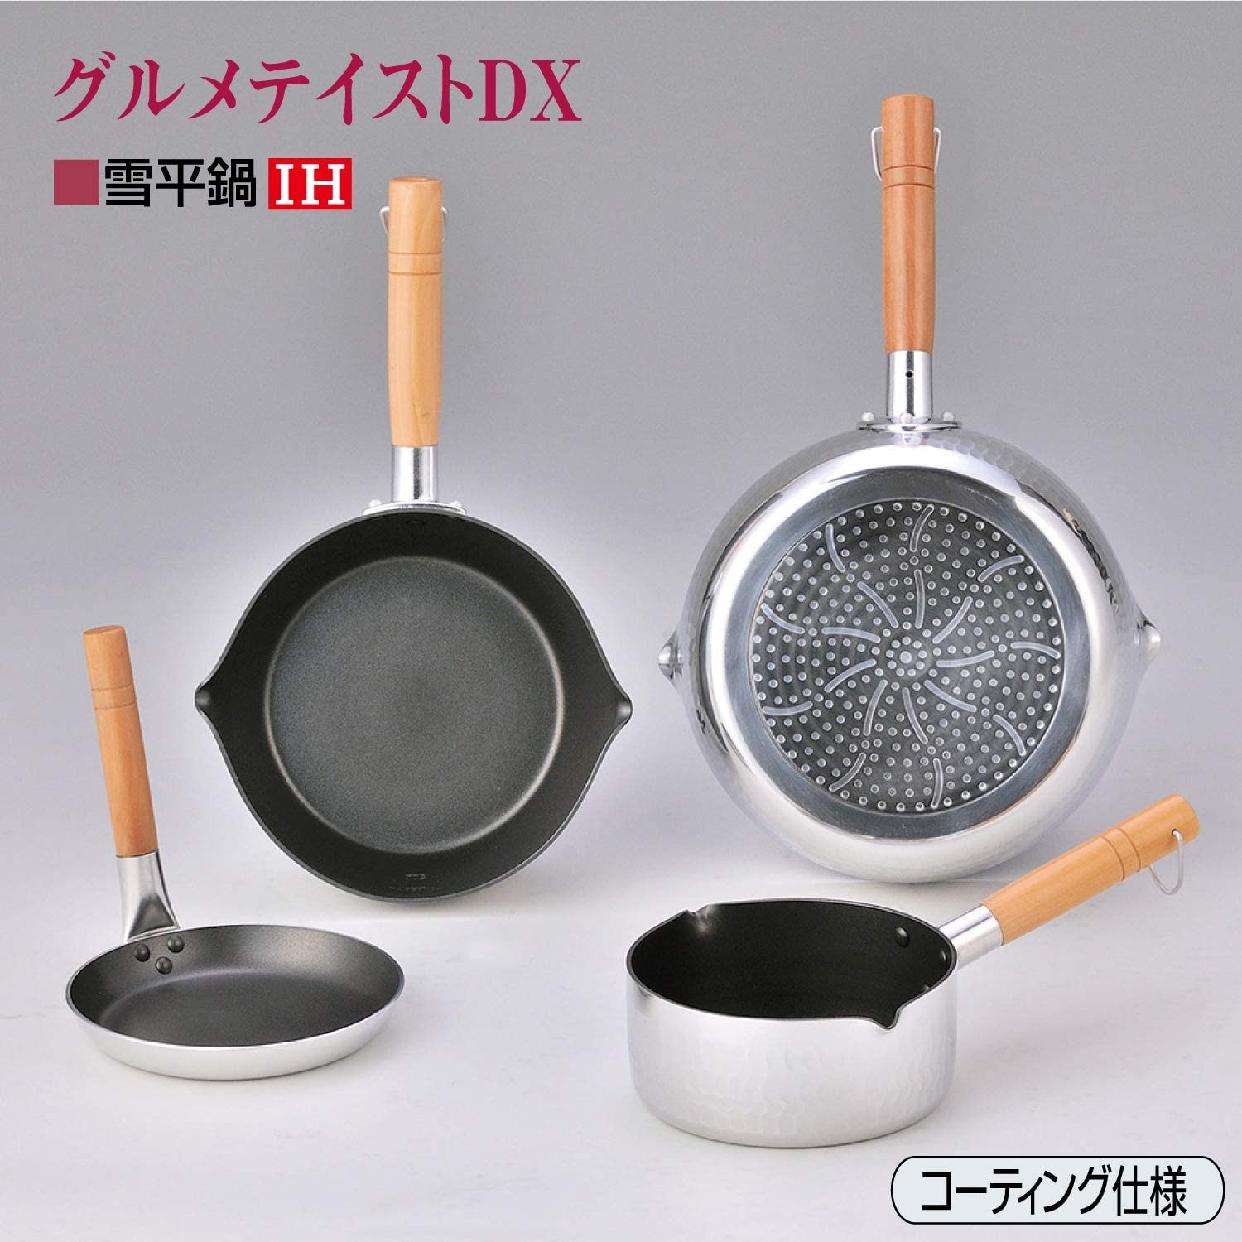 【IH】グルメテイストDX(【アイエイチ】グルメテイストデラックス) コーティングIH雪平鍋 シルバーの商品画像4